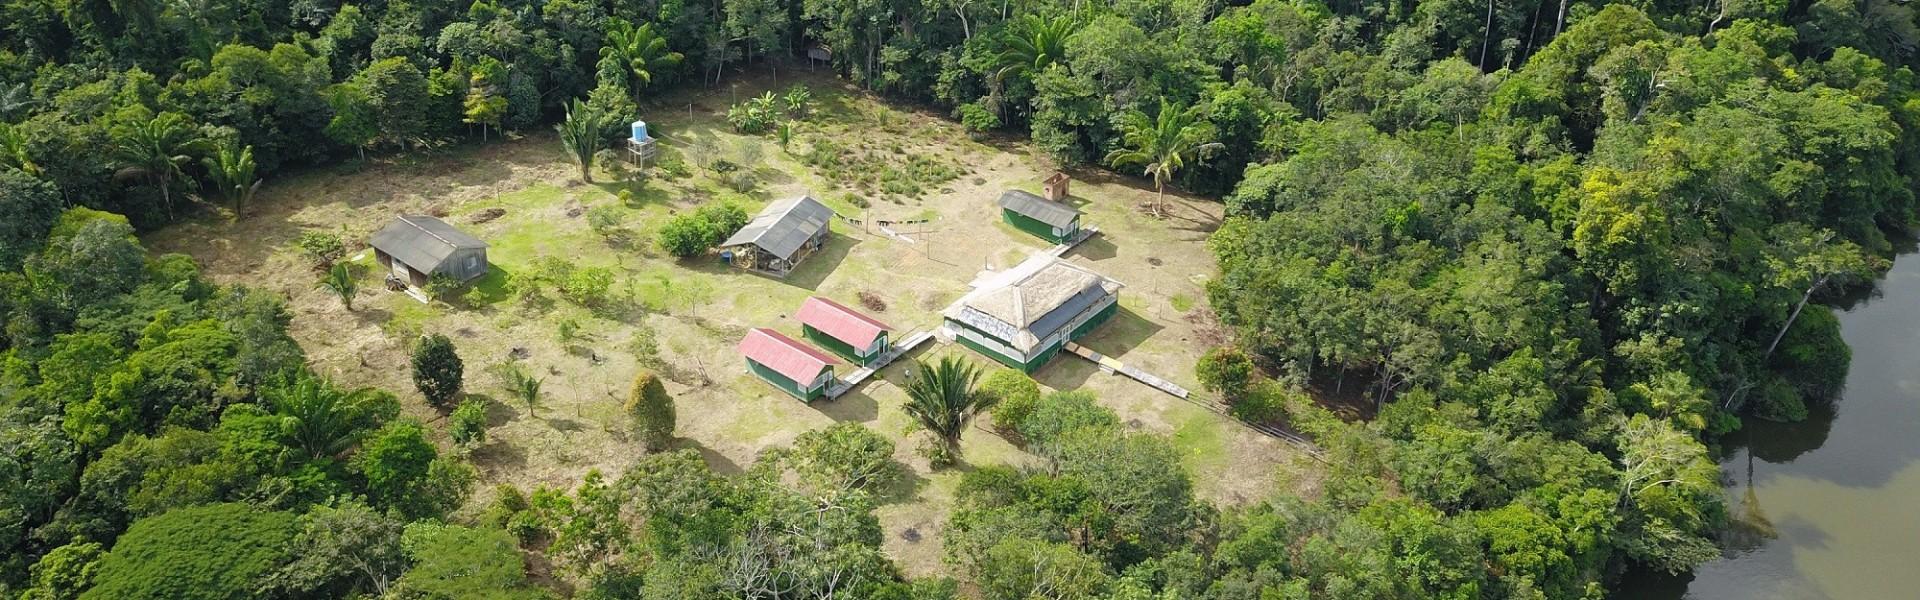 Programa Destinos faz gravações na Pousada Bararati Amazonas